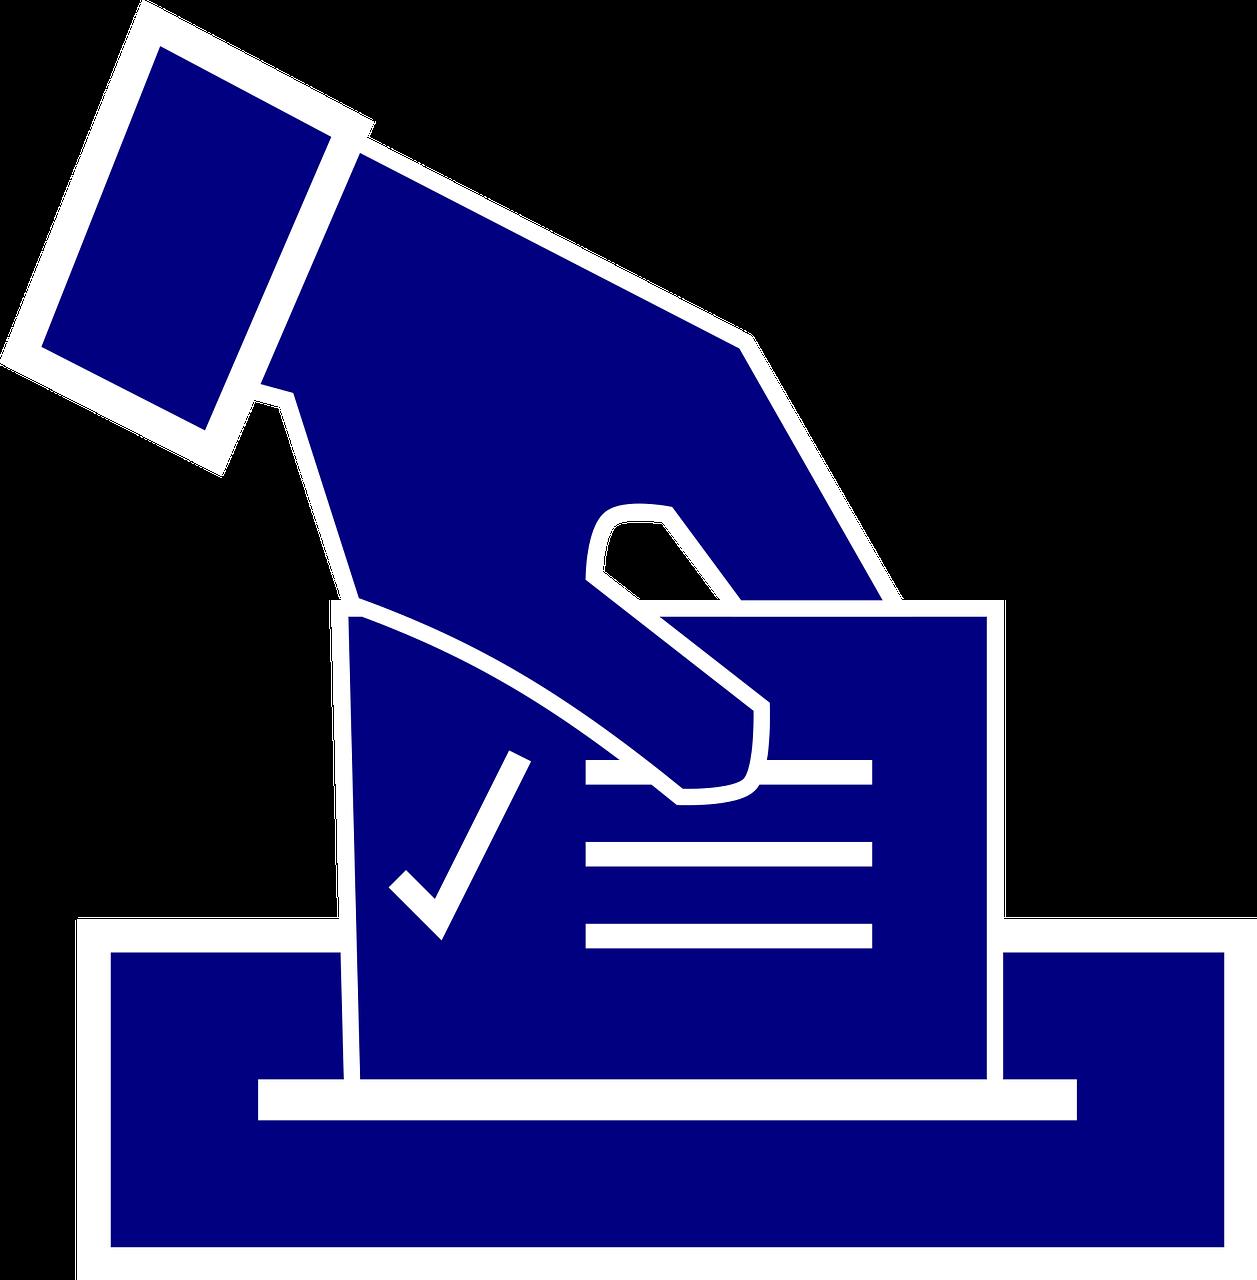 100 Jahre Frauenwahlrecht in Österreich